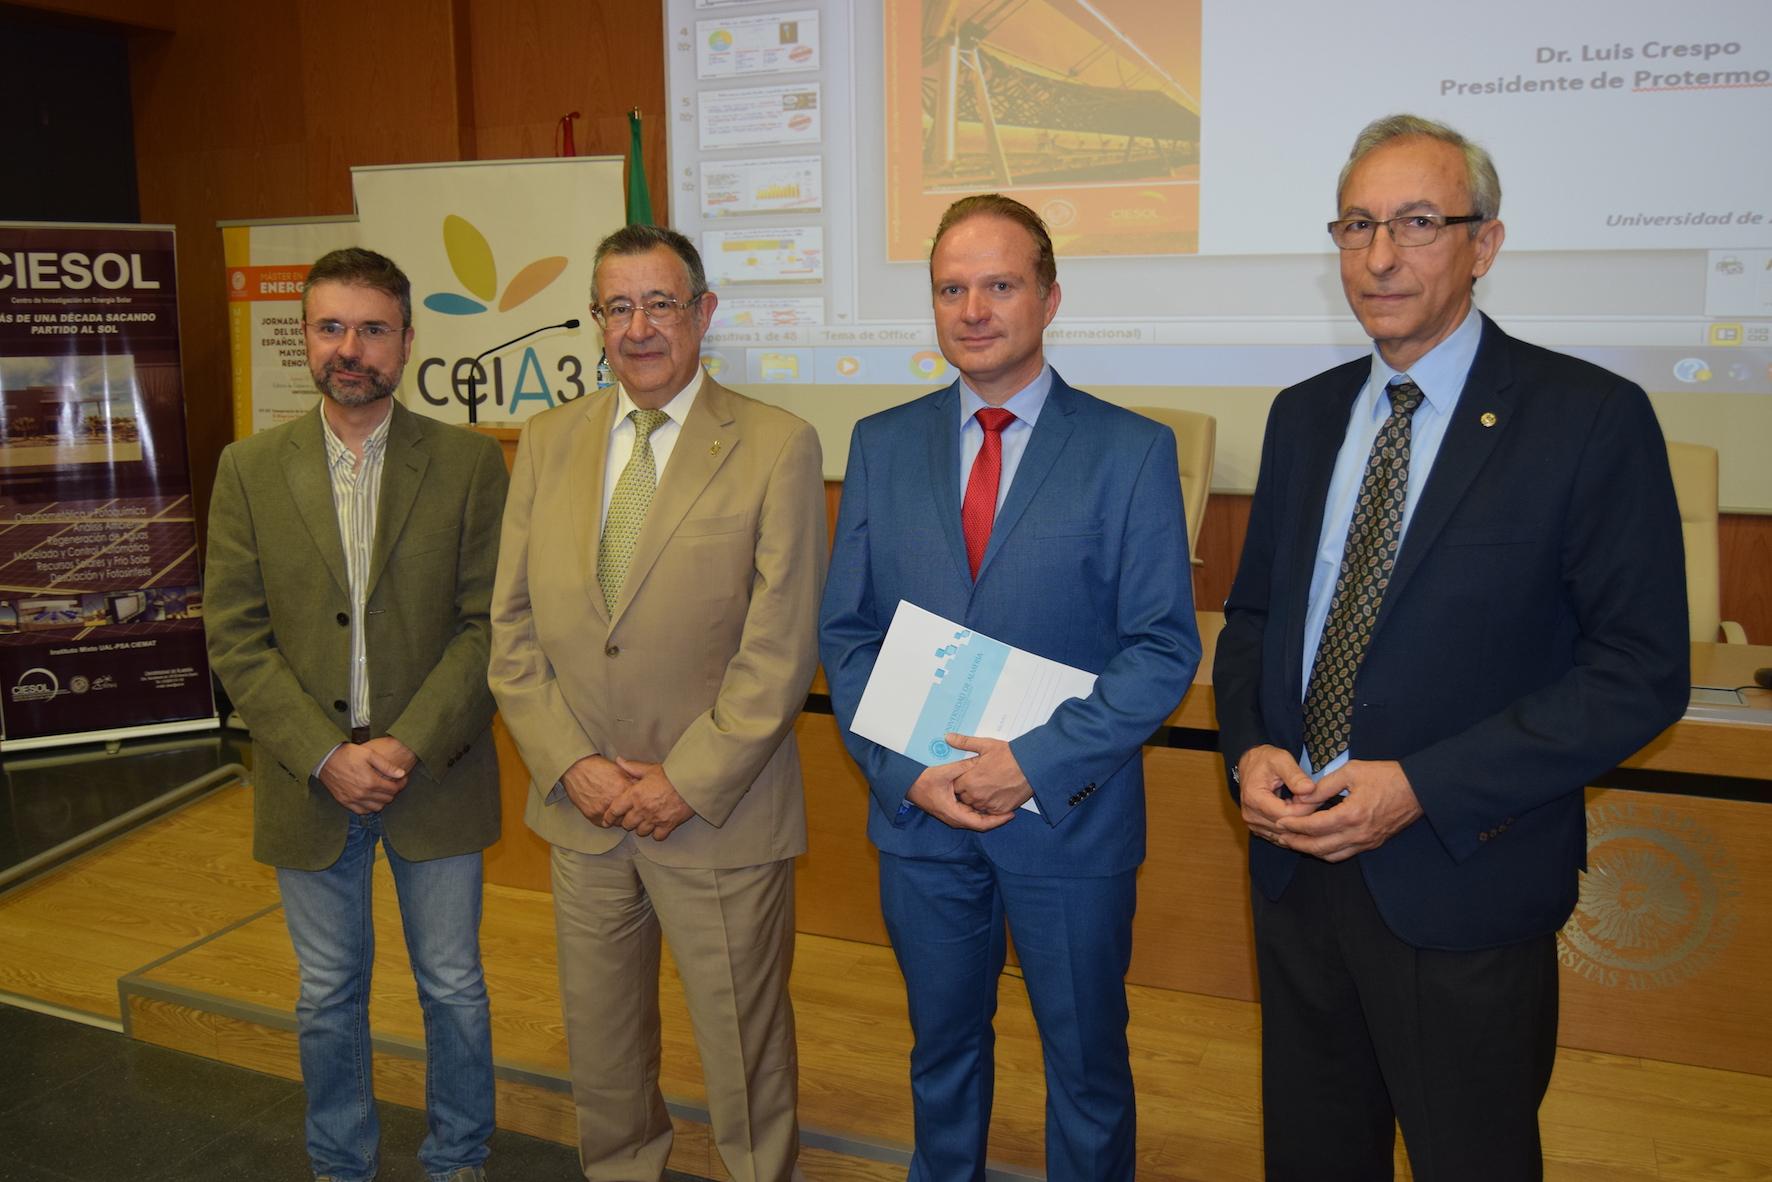 El modelo energético nacional hasta 2030 entra a debate en la Universidad de Almería